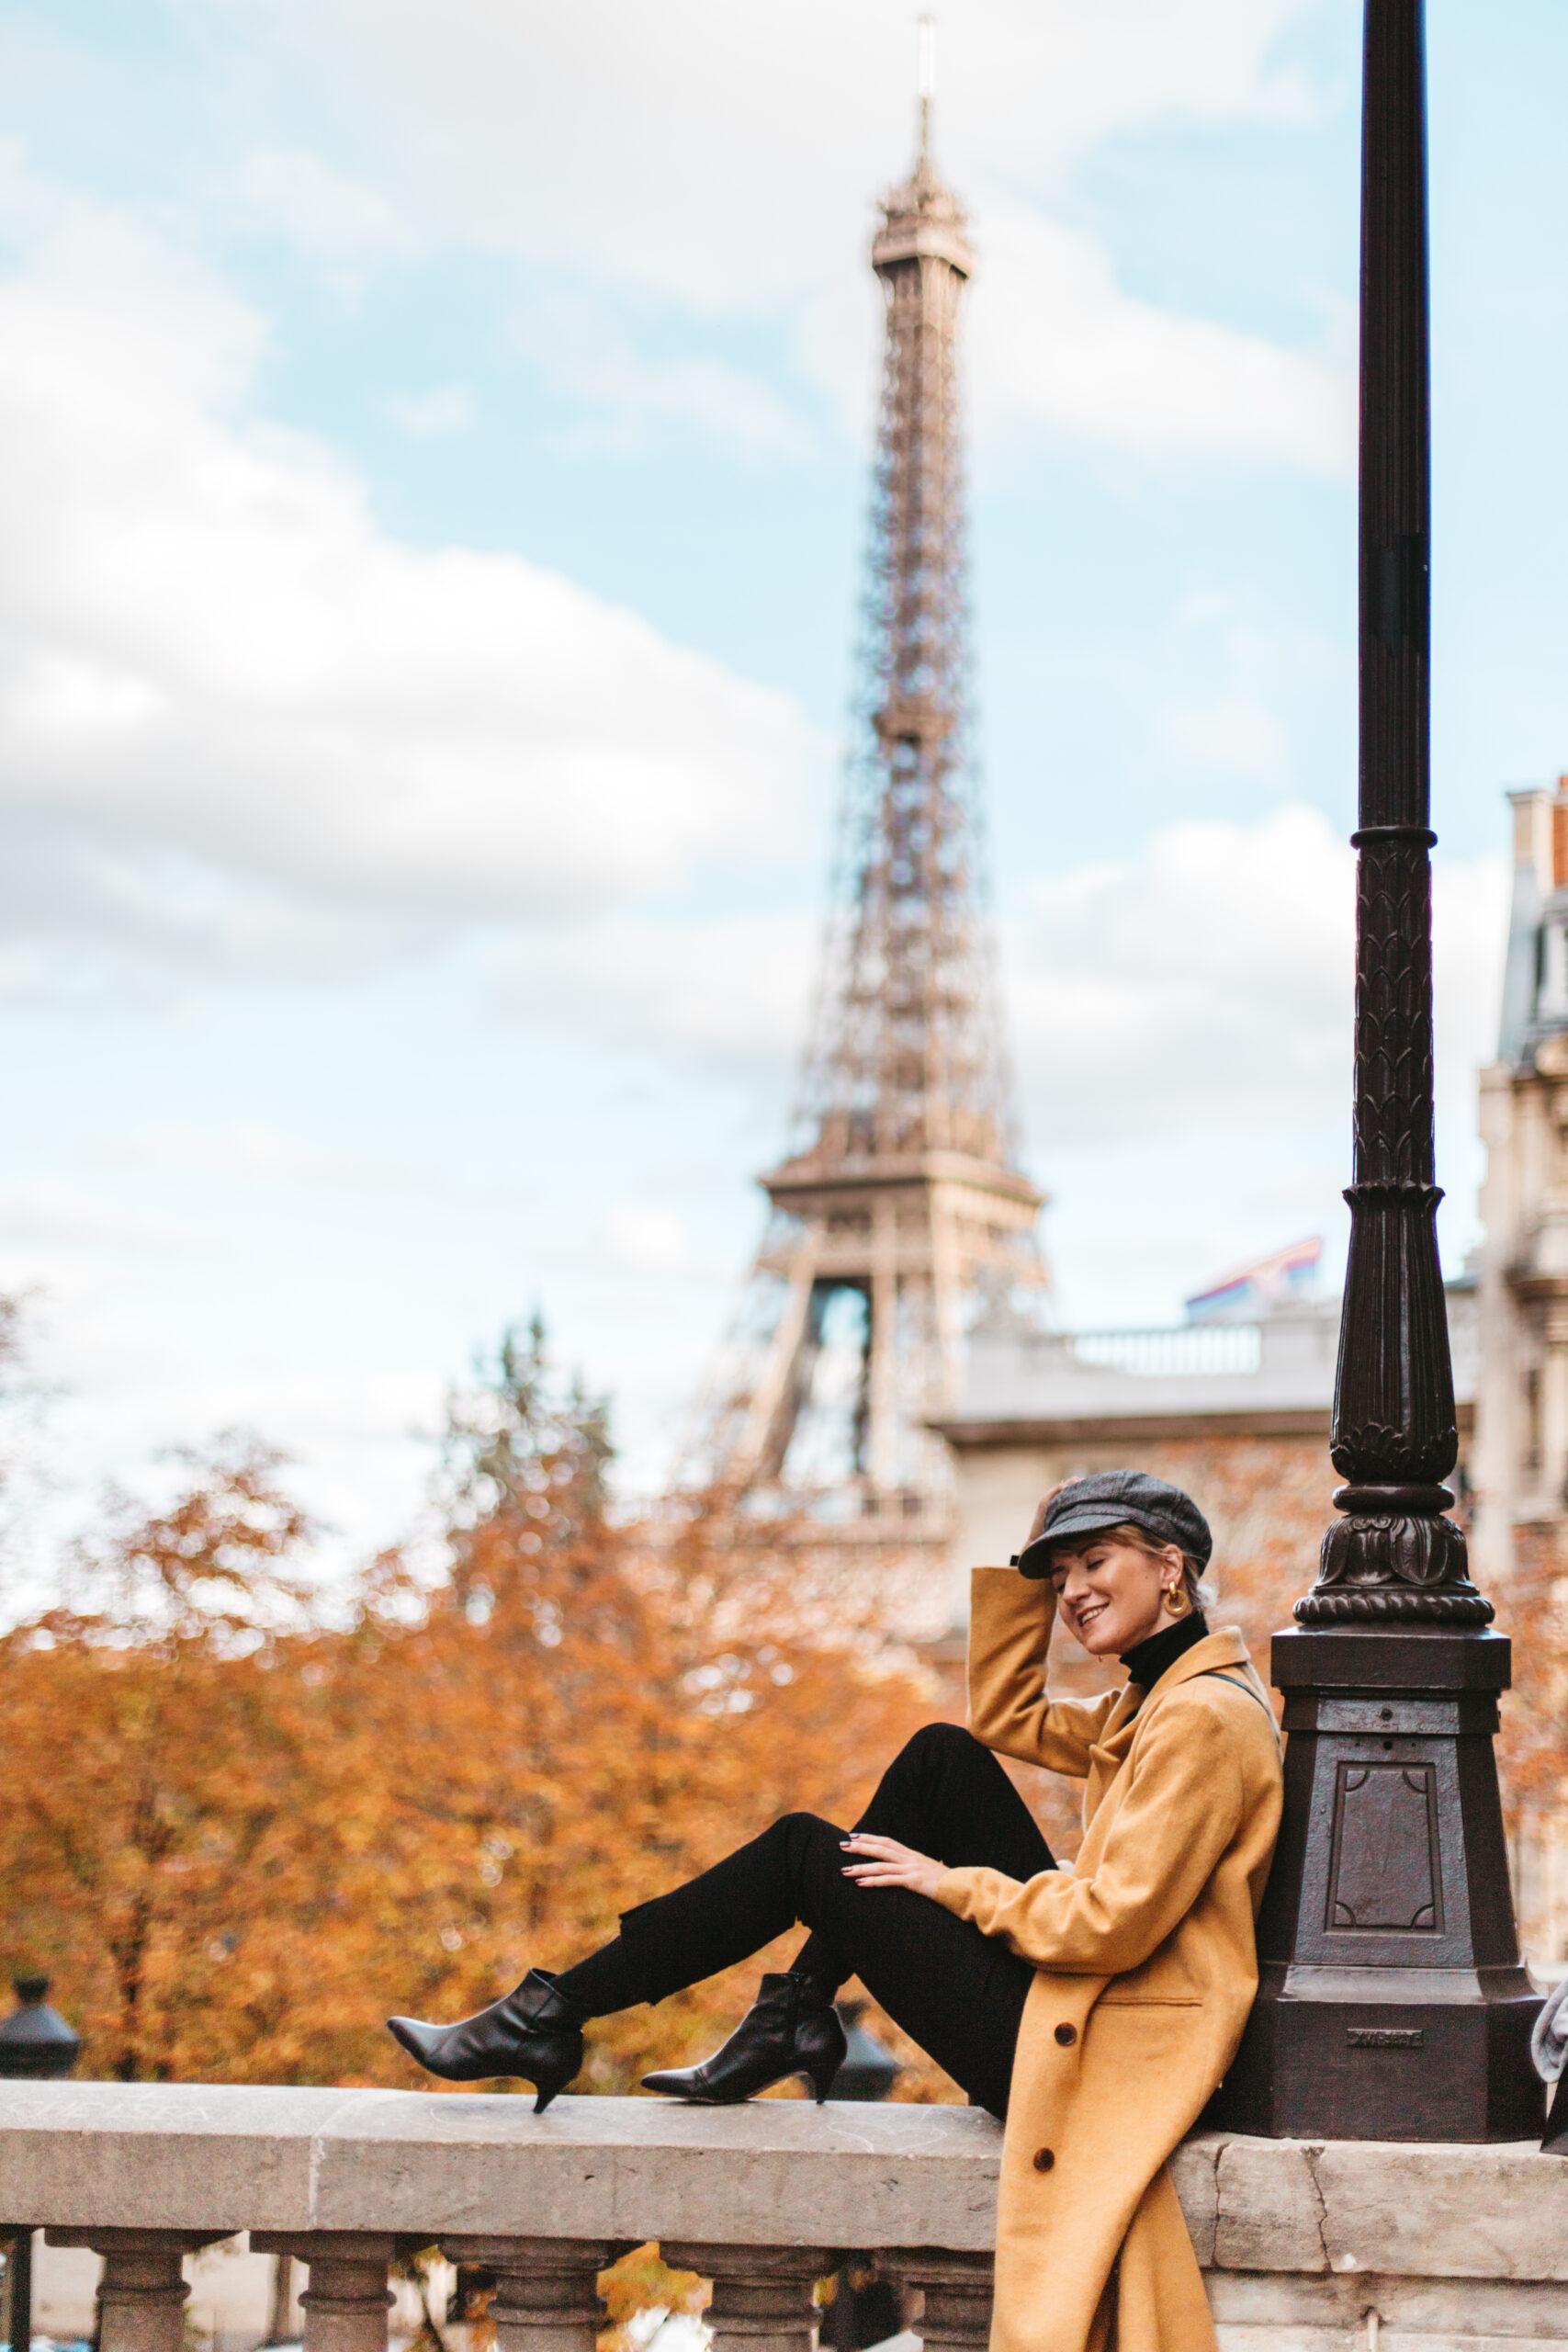 Paryż jesienią, Wieża Eiffla, Żelazna dama, jesienny paryż, Avenue de Camoens